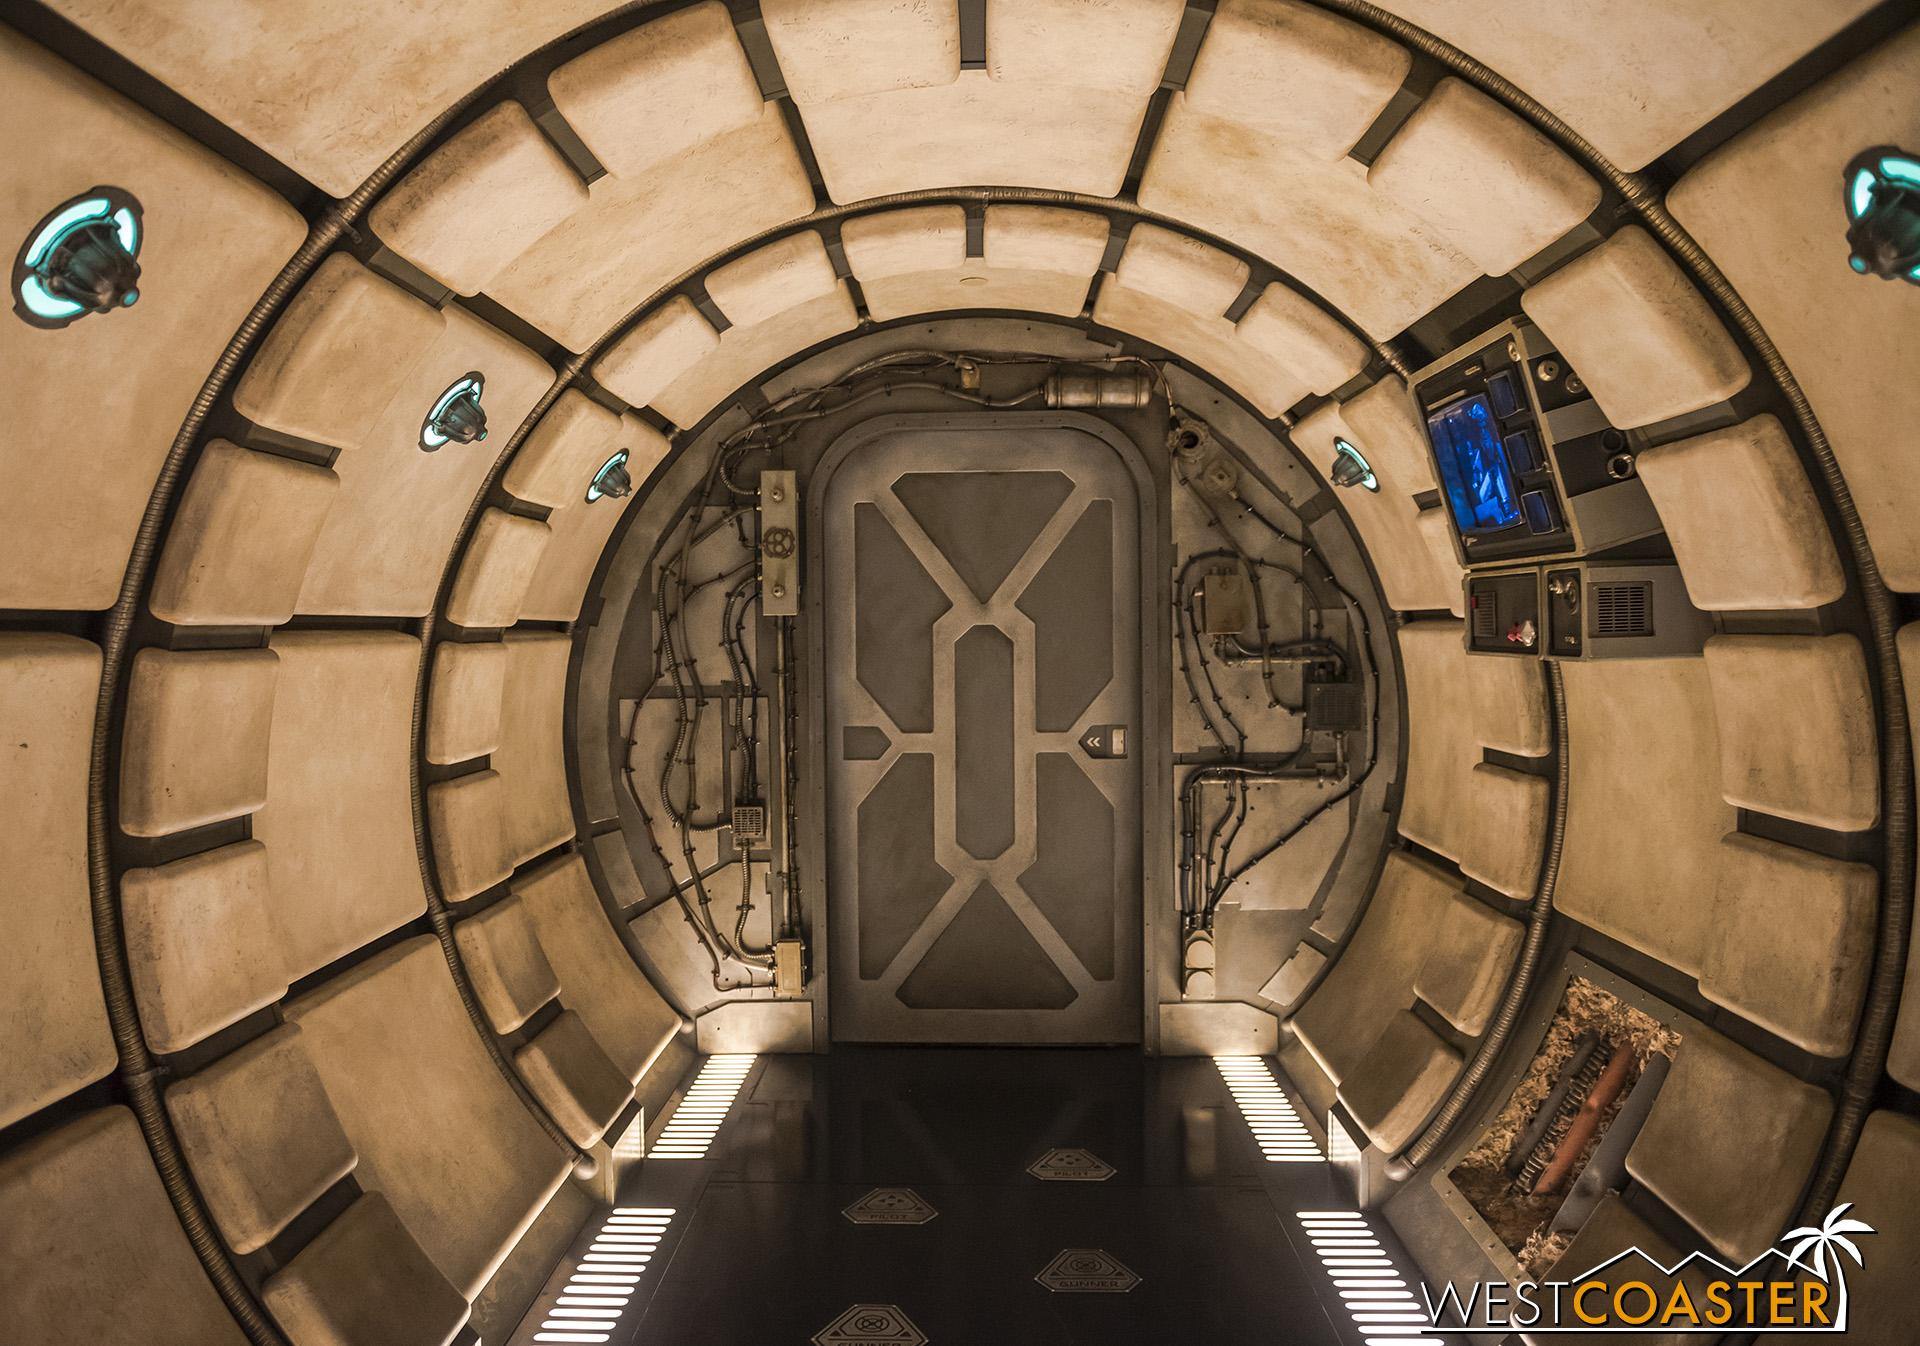 DLR-19_0606-C-Falcon-0007.jpg